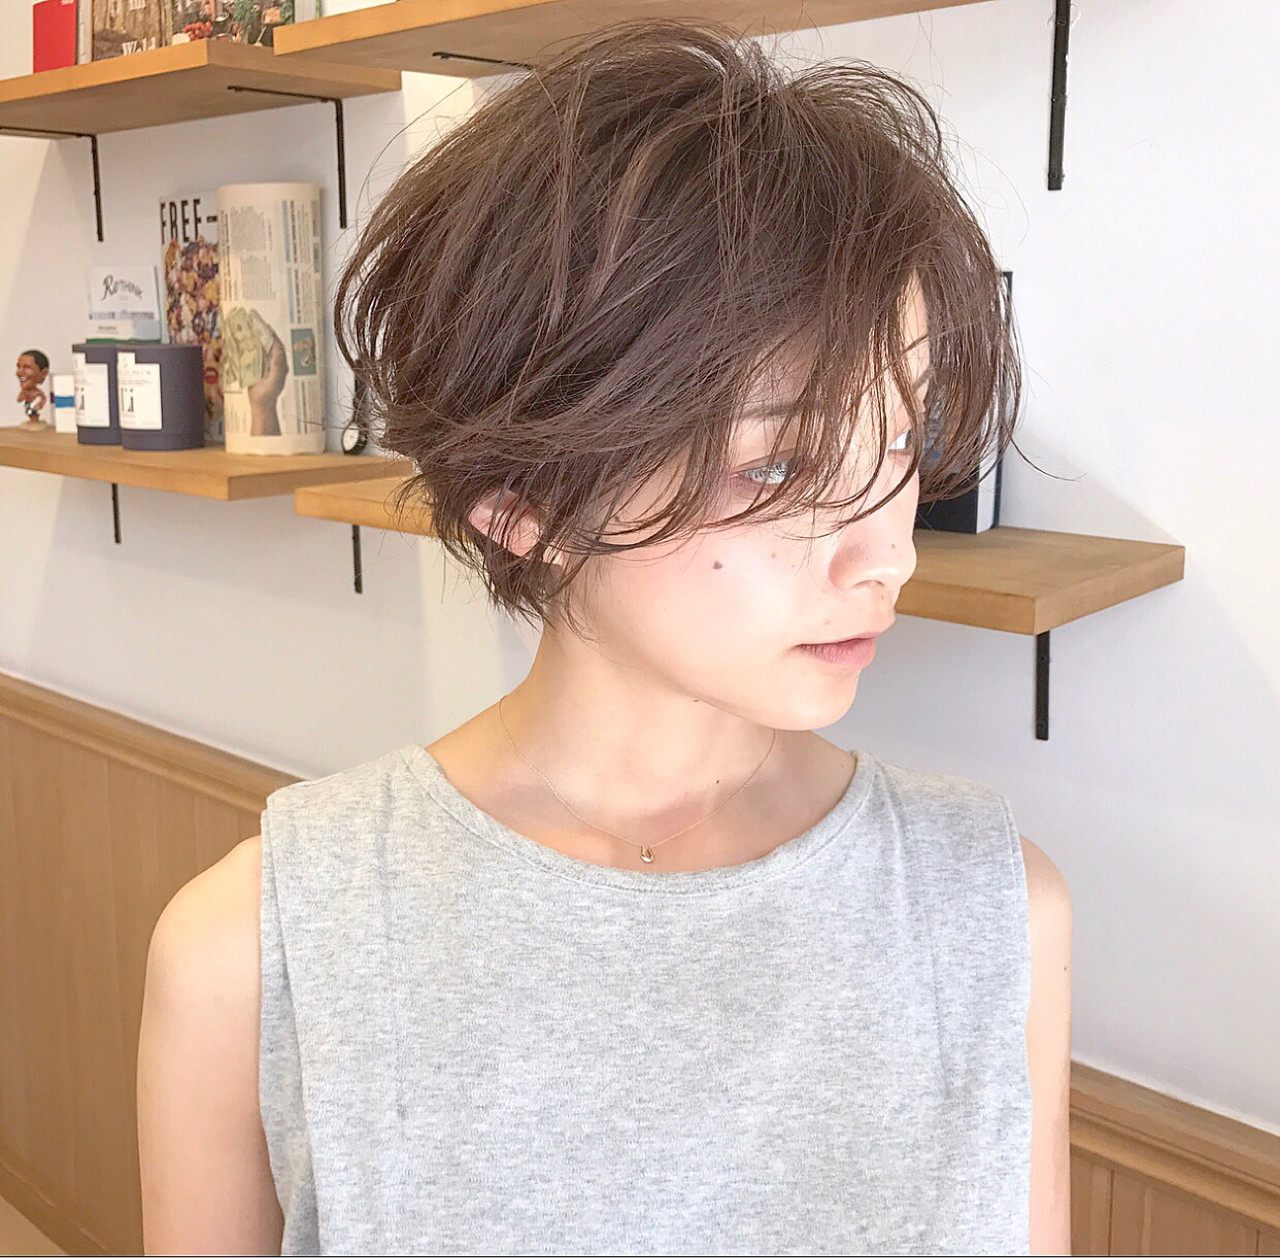 長瀏海的短髮造型